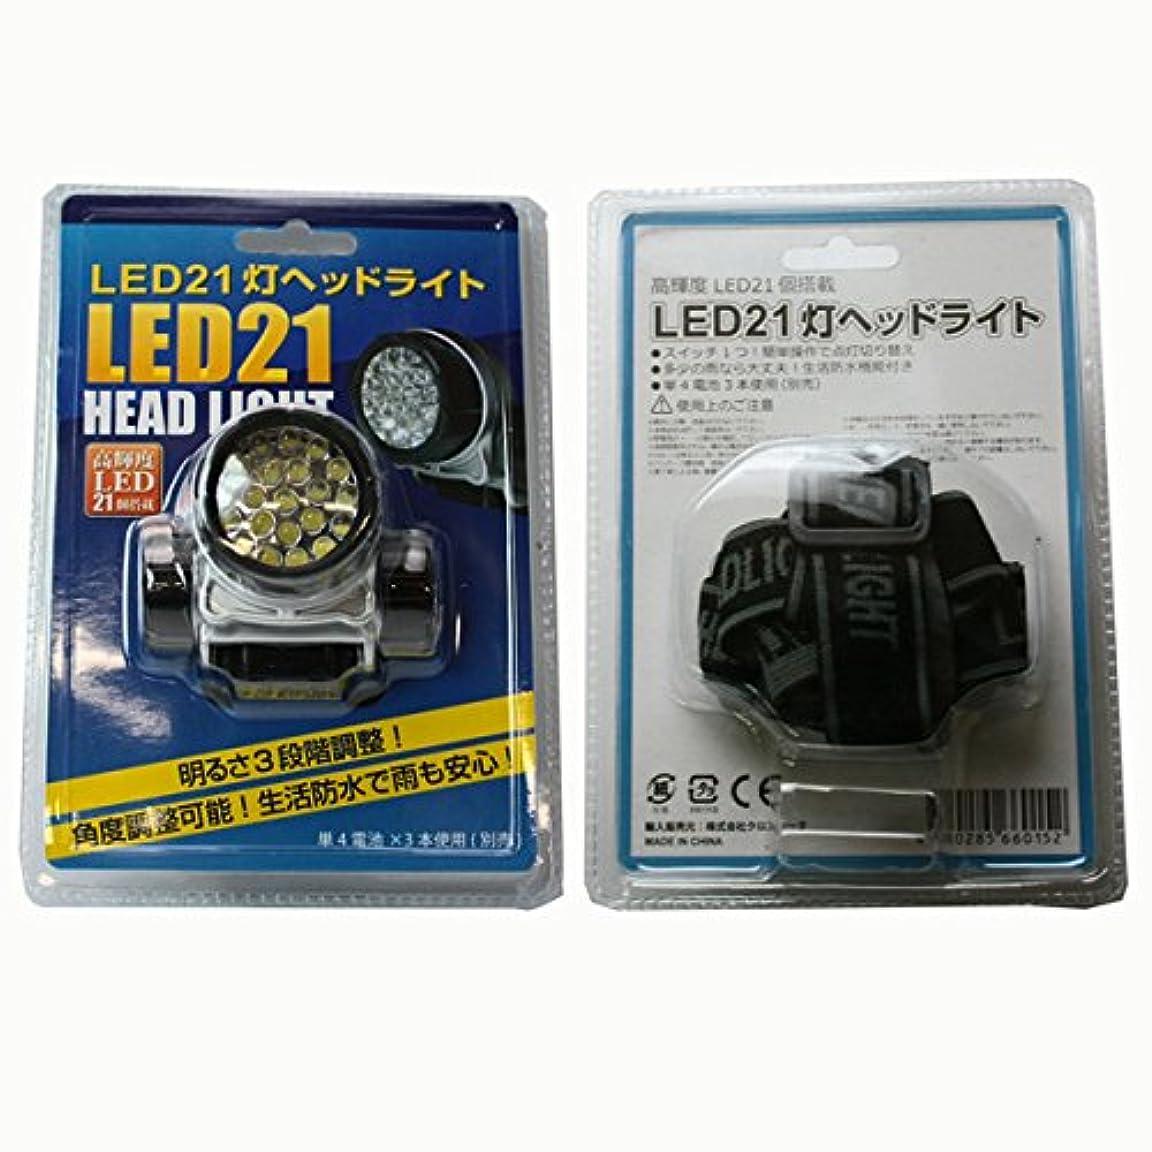 密度ランダム流行LED21灯ヘッドライト シルバー&ブラックカラー 4段切替の便利なヘッドライト